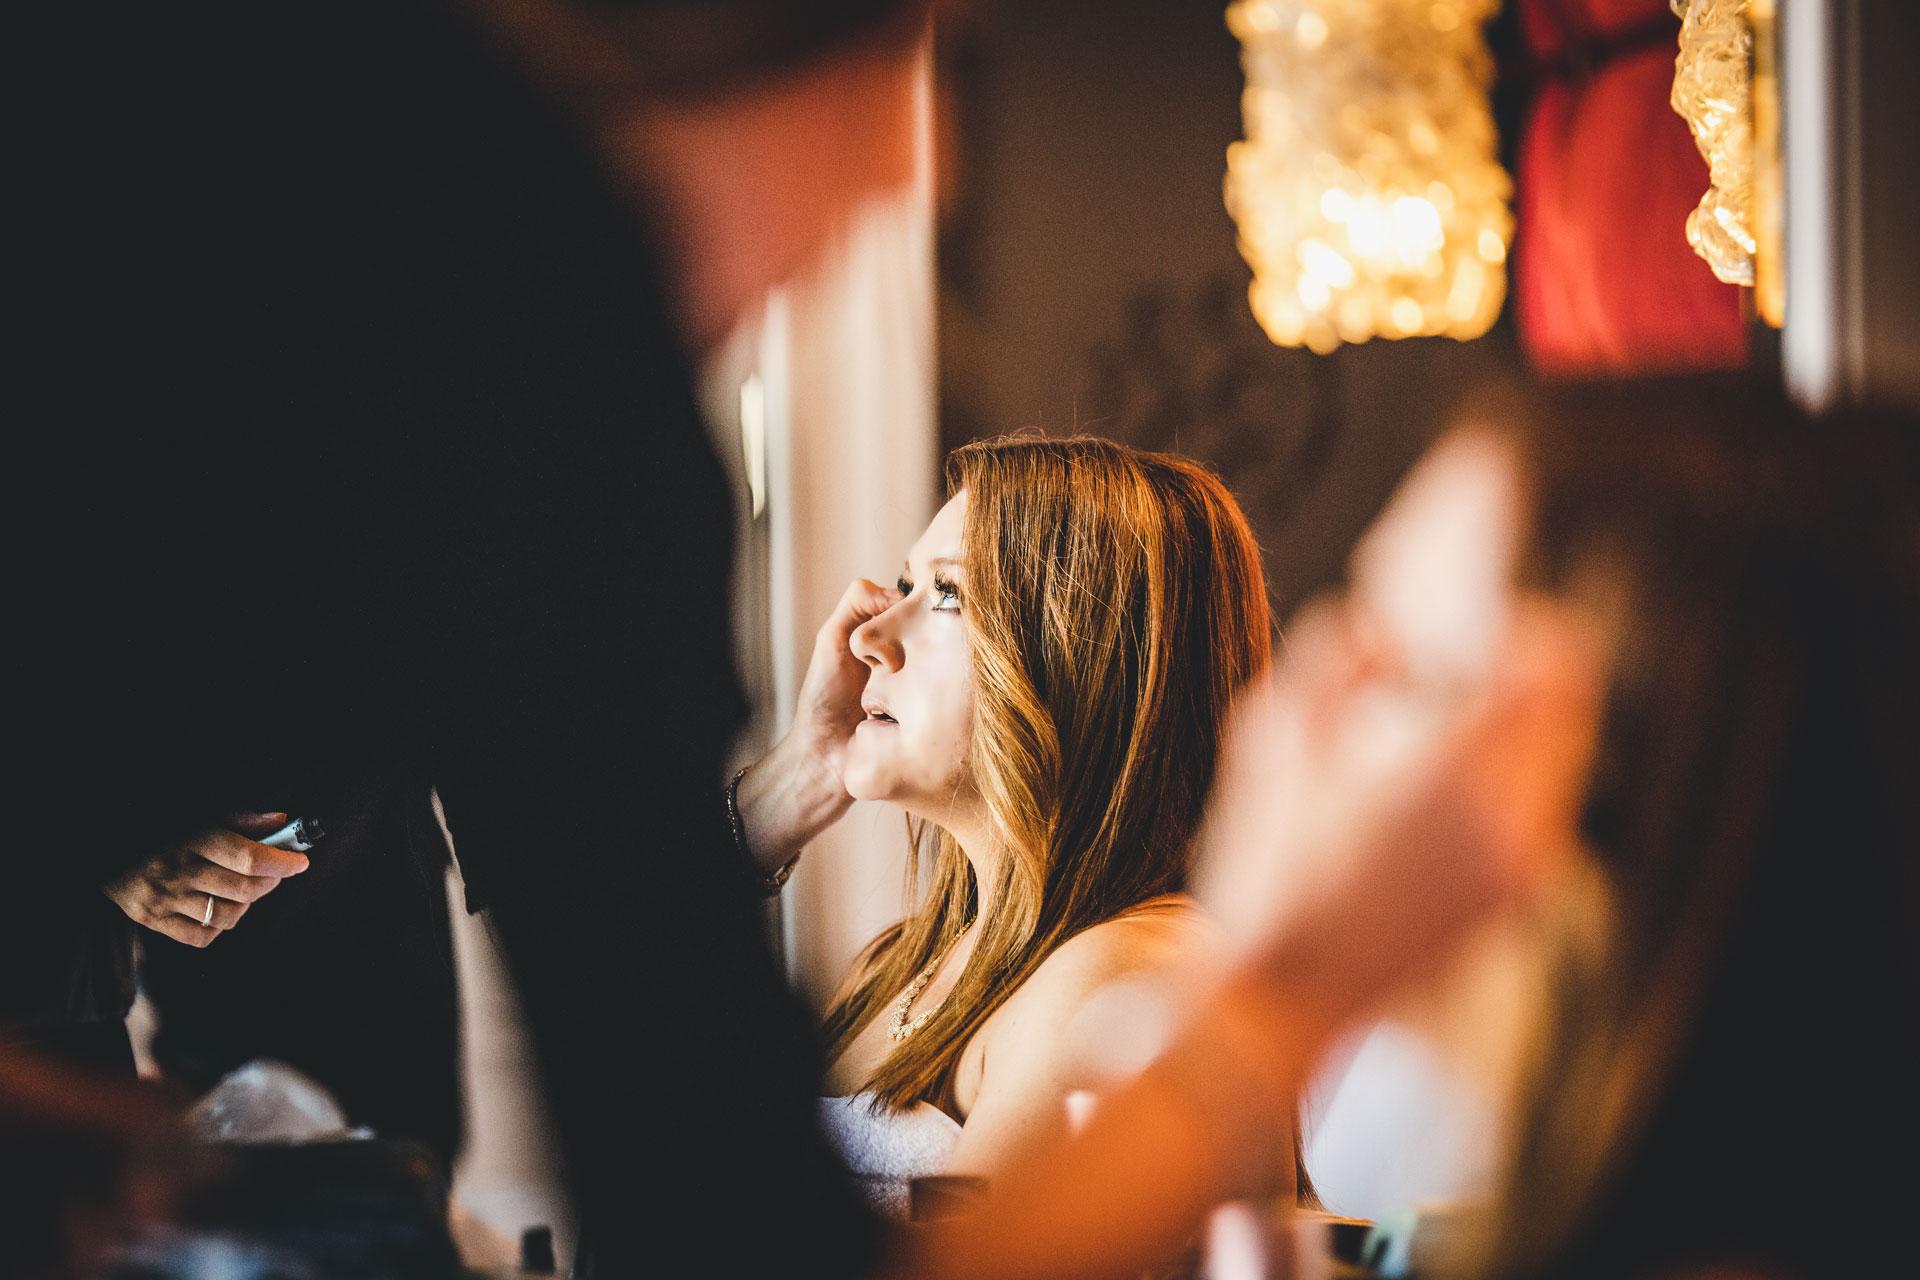 Zdjęcie ślubne z hotelu w Wenecji Ca 'Sagredo   Wizażystka nakłada makijaż panny młodej